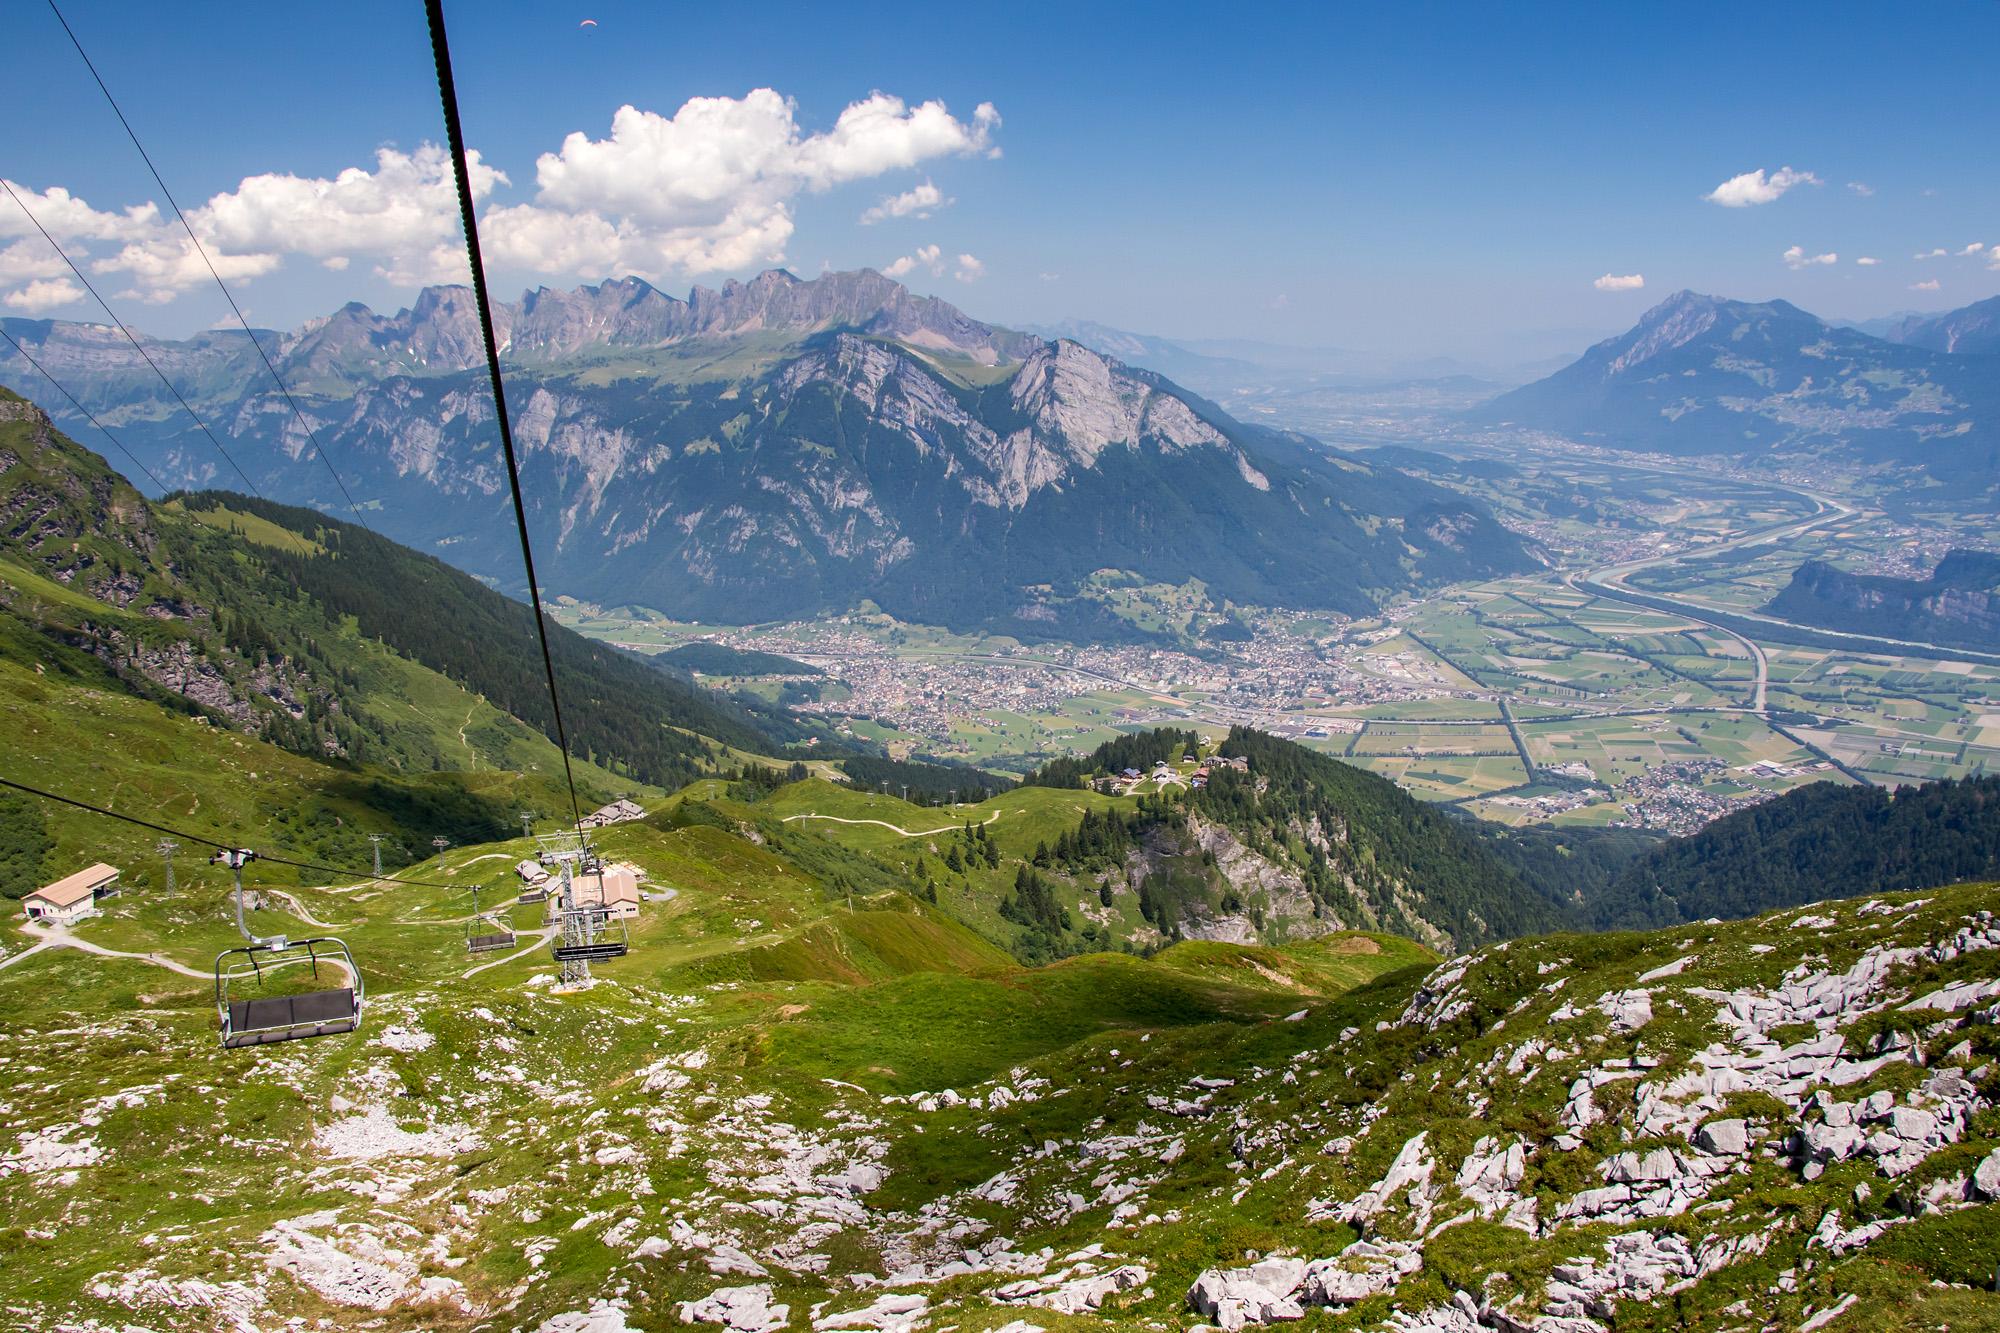 Vor mir bretiten sich Seez- und Rheintal aus, in der Bildmitte Sargans und rechts davon das Fürstentum Liechtenstein